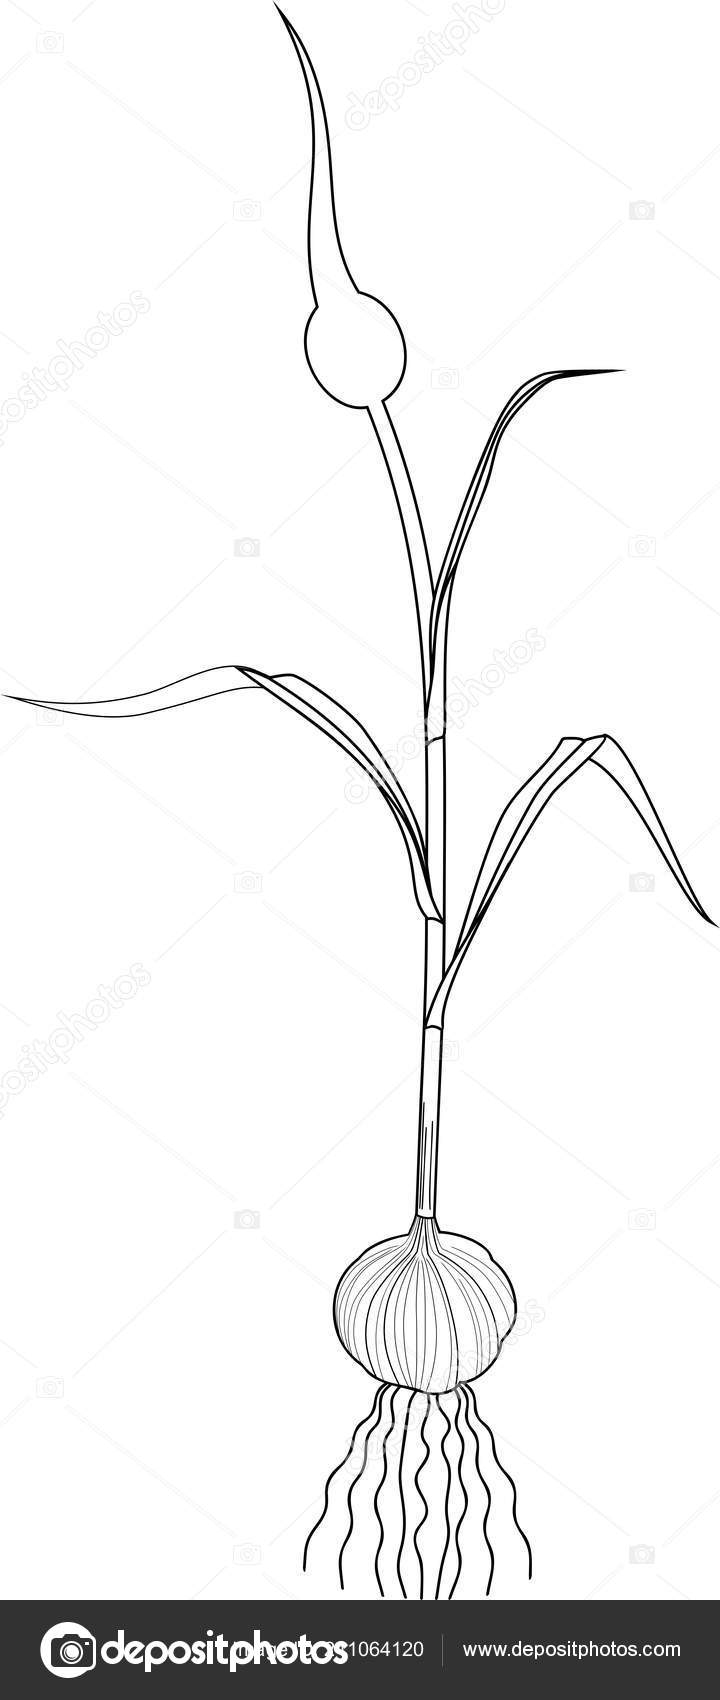 Página Para Colorear Planta Ajo Con Bulbo Tallo Flores Sobre